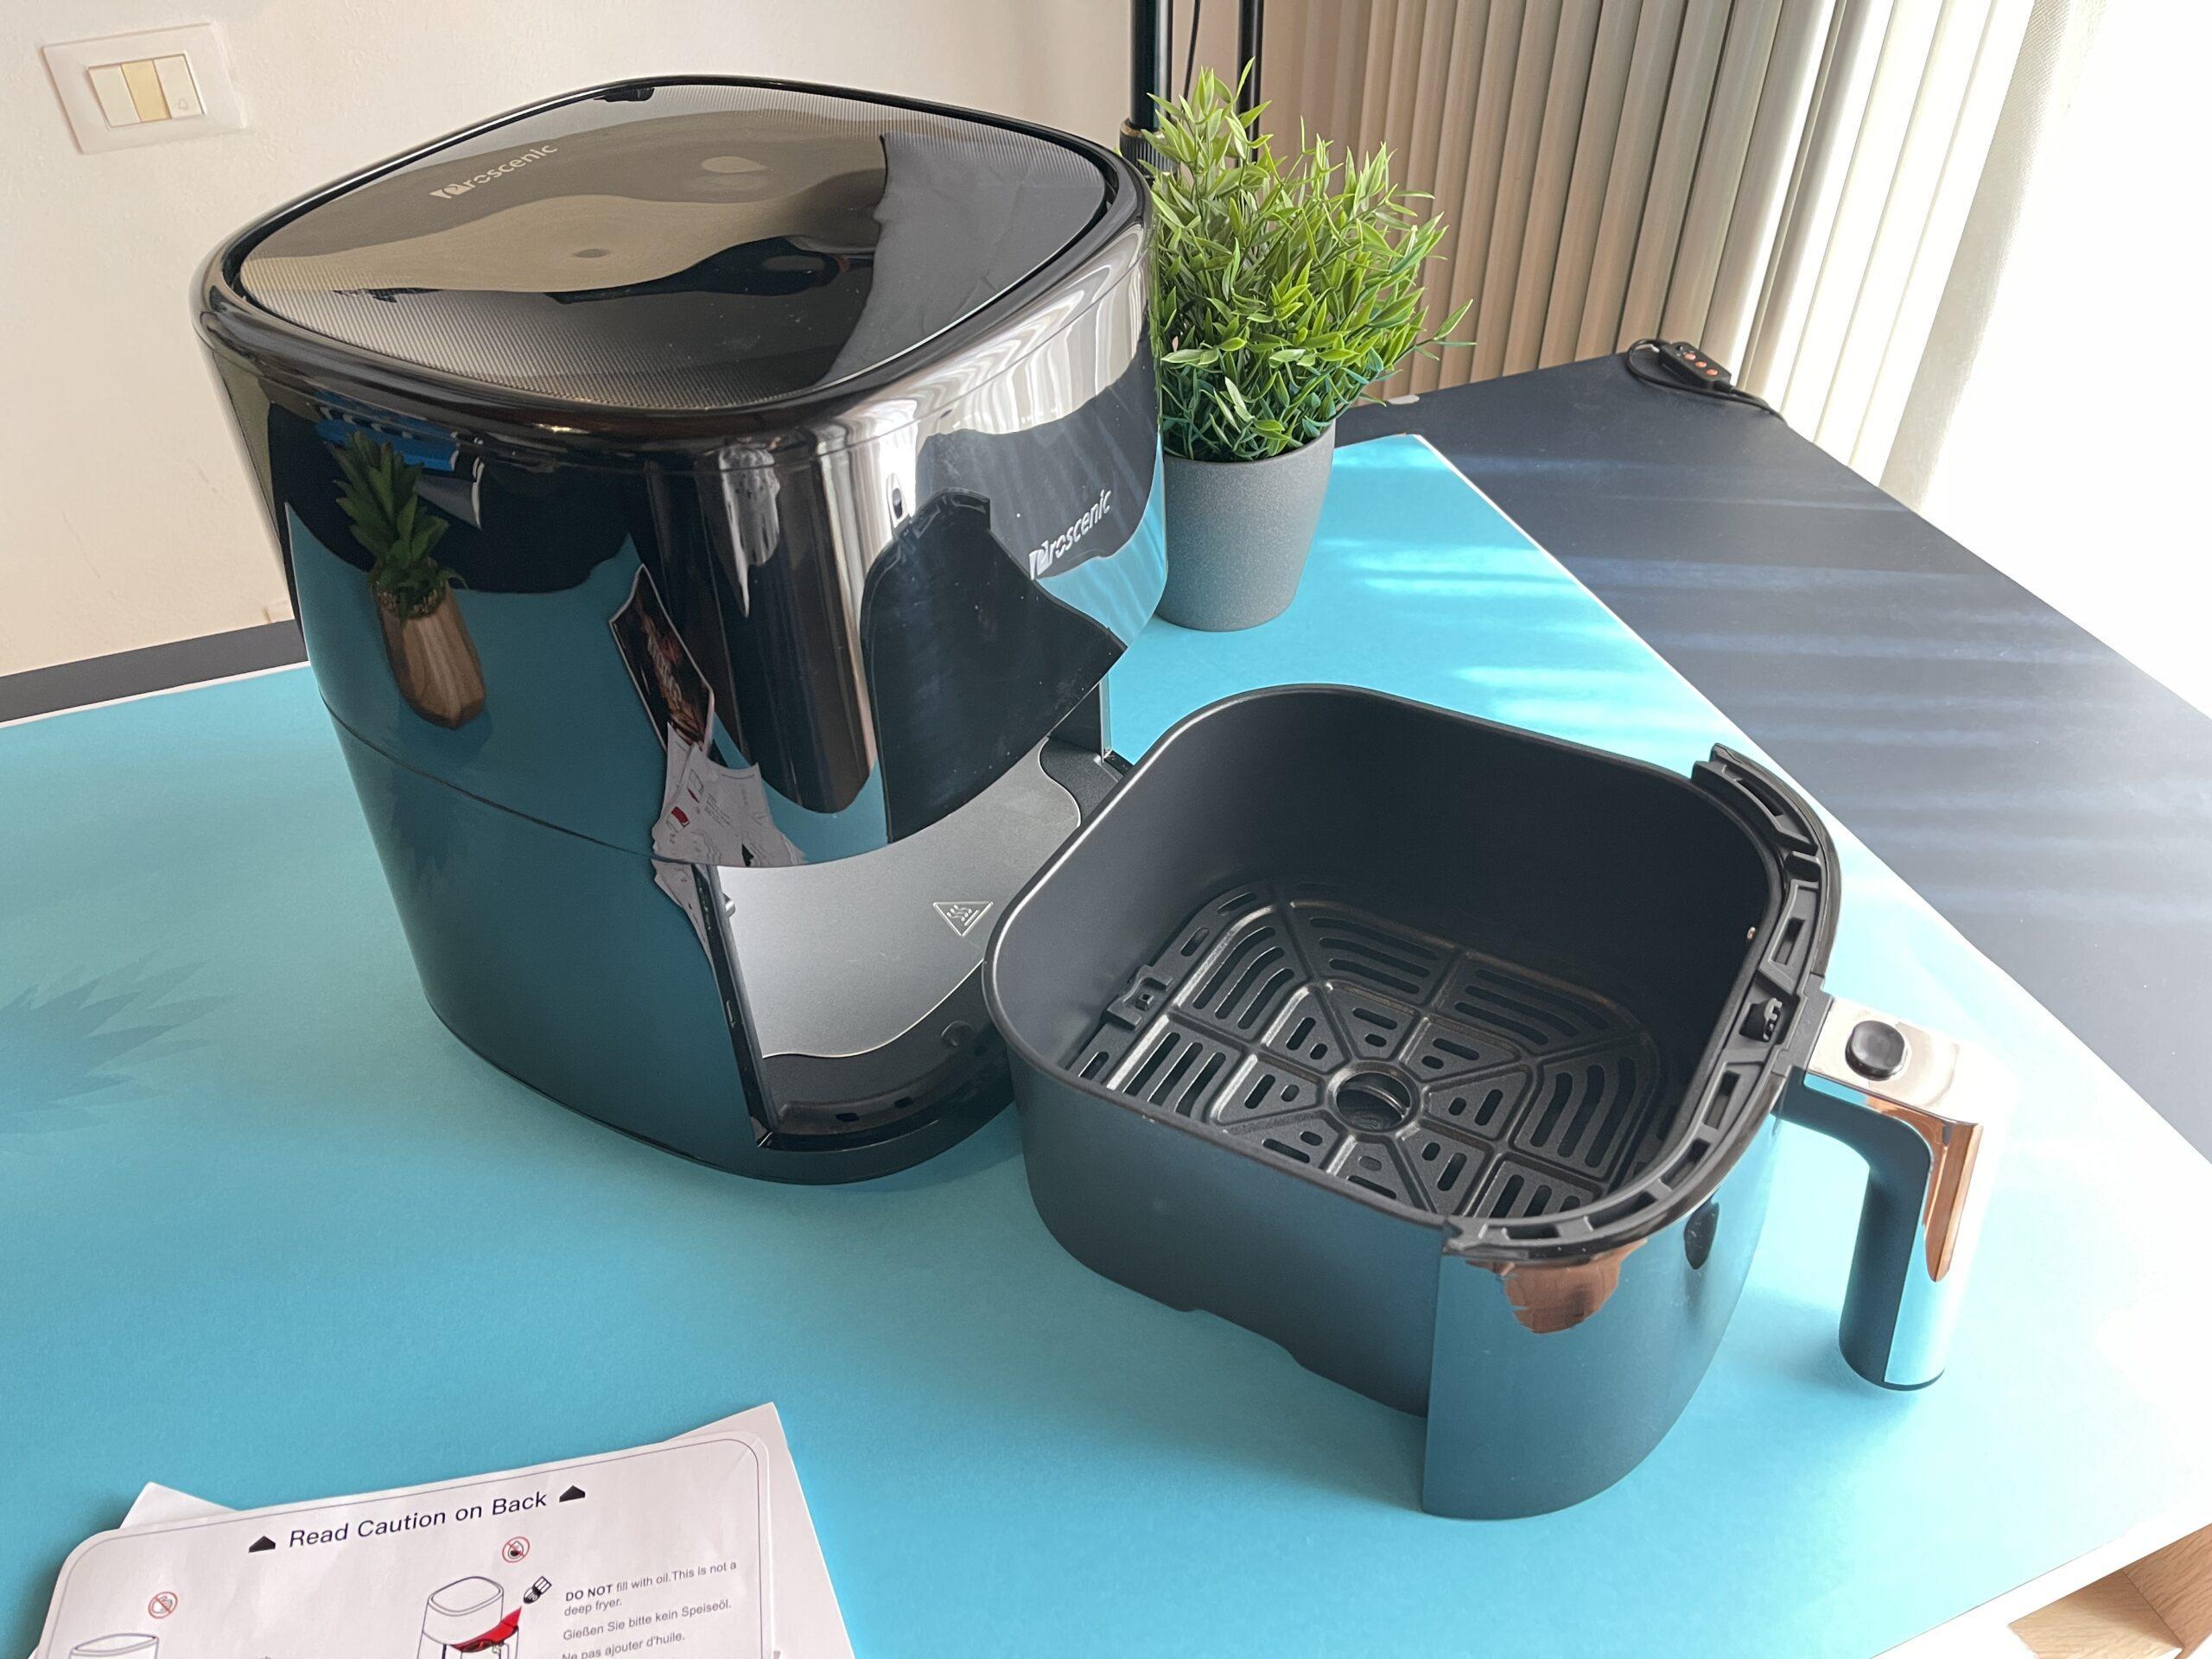 Proscenic T22 friggitrice ad aria cestello con base e materiale antiaderente